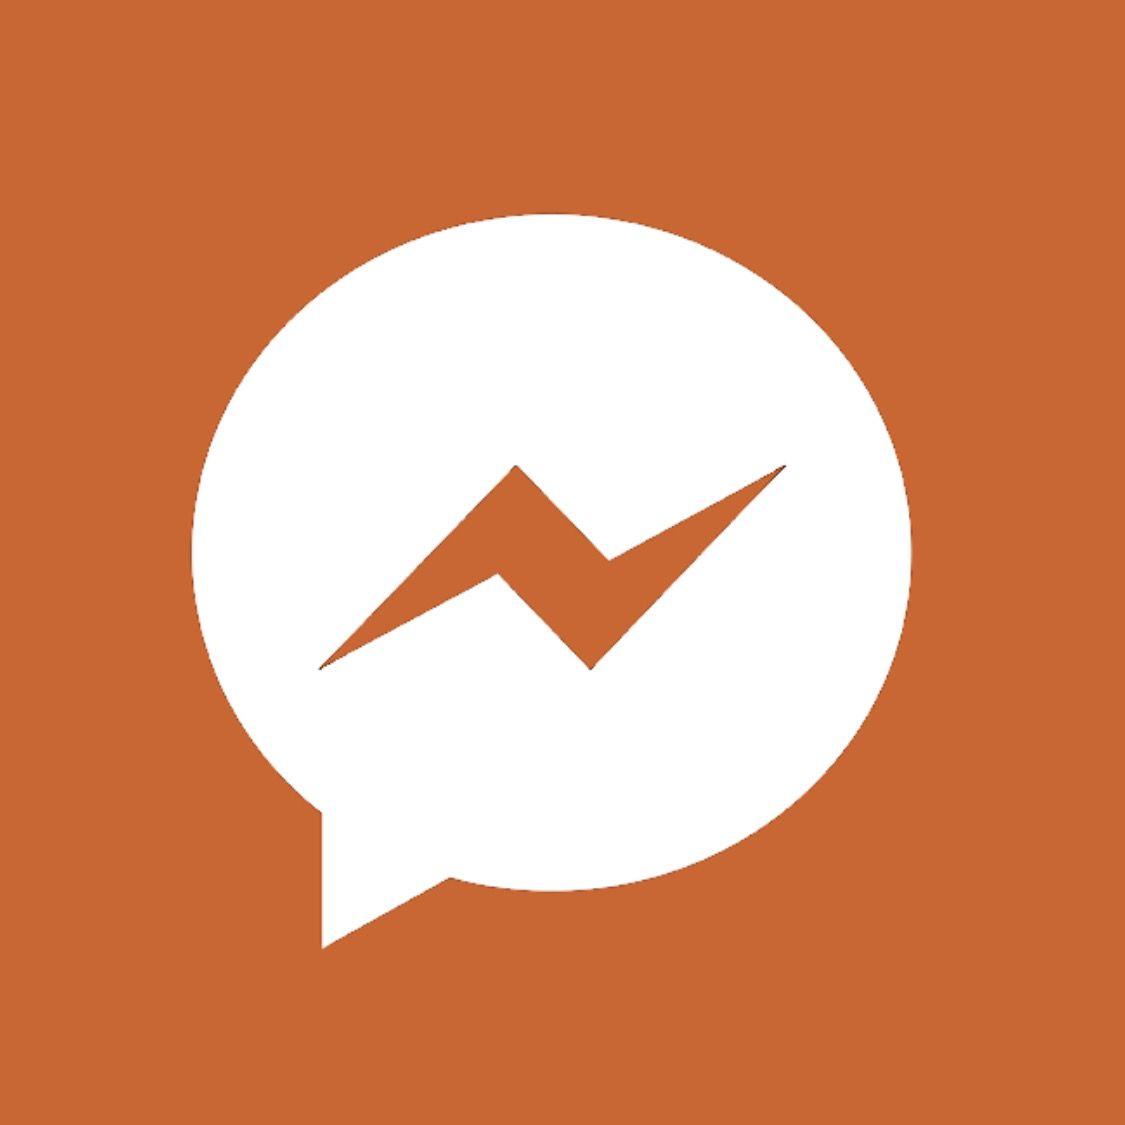 Burnt Orange Facebook Messenger Messenger Logo Company Logo Orange